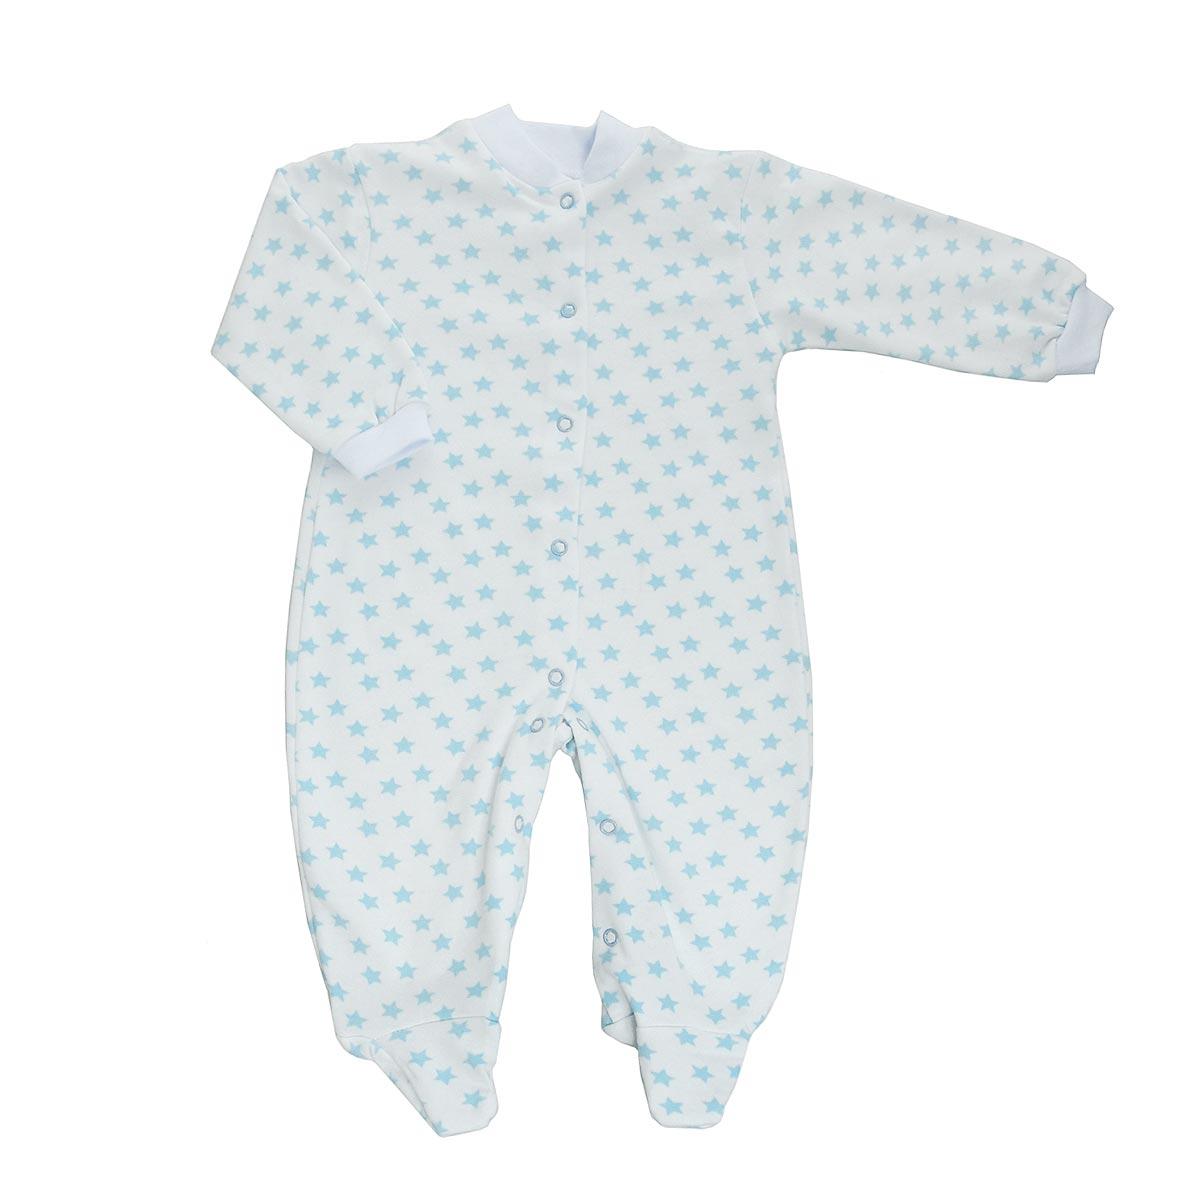 Комбинезон детский. 58215821Детский комбинезон Трон-Плюс - очень удобный и практичный вид одежды для малышей. Теплый комбинезон выполнен из футерованного полотна - натурального хлопка, благодаря чему он необычайно мягкий и приятный на ощупь, не раздражает нежную кожу ребенка, и хорошо вентилируются, а эластичные швы приятны телу малыша и не препятствуют его движениям. Комбинезон с длинными рукавами и закрытыми ножками имеет застежки-кнопки от горловины до щиколоток, которые помогают легко переодеть младенца или сменить подгузник. Рукава понизу дополнены неширокими трикотажными манжетами, мягко облегающими запястья. Вырез горловины дополнен мягкой трикотажной резинкой. Оформлен комбинезон оригинальным принтом. С детским комбинезоном спинка и ножки вашего малыша всегда будут в тепле, он идеален для использования днем и незаменим ночью. Комбинезон полностью соответствует особенностям жизни младенца в ранний период, не стесняя и не ограничивая его в движениях!